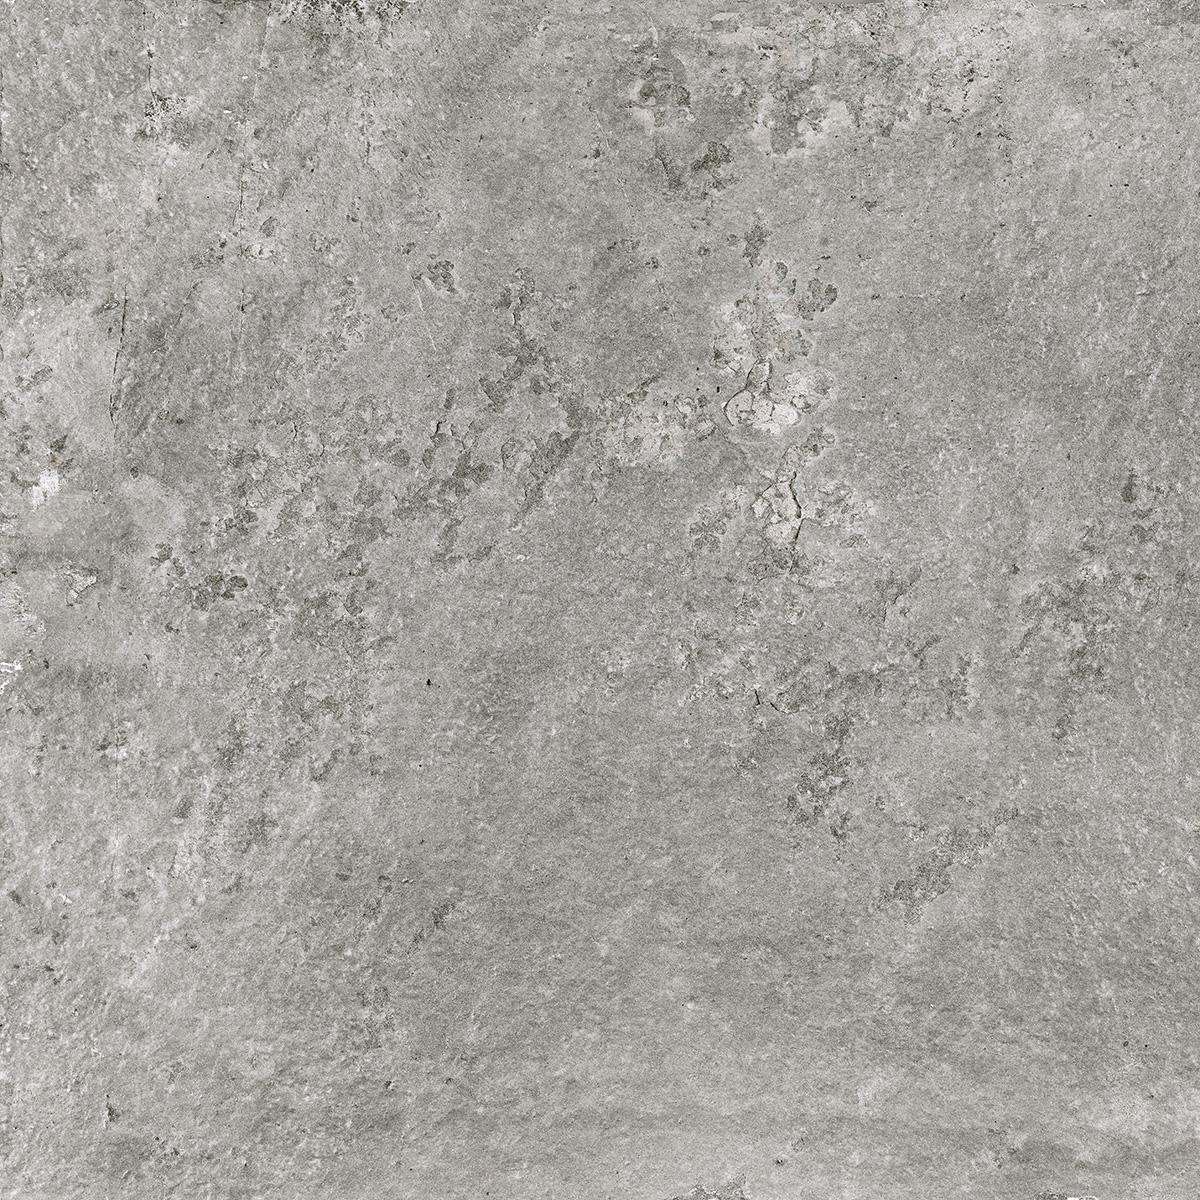 0052761, Blackboard, Harmaa, lattia,liukastumisenesto,pakkasenkesto